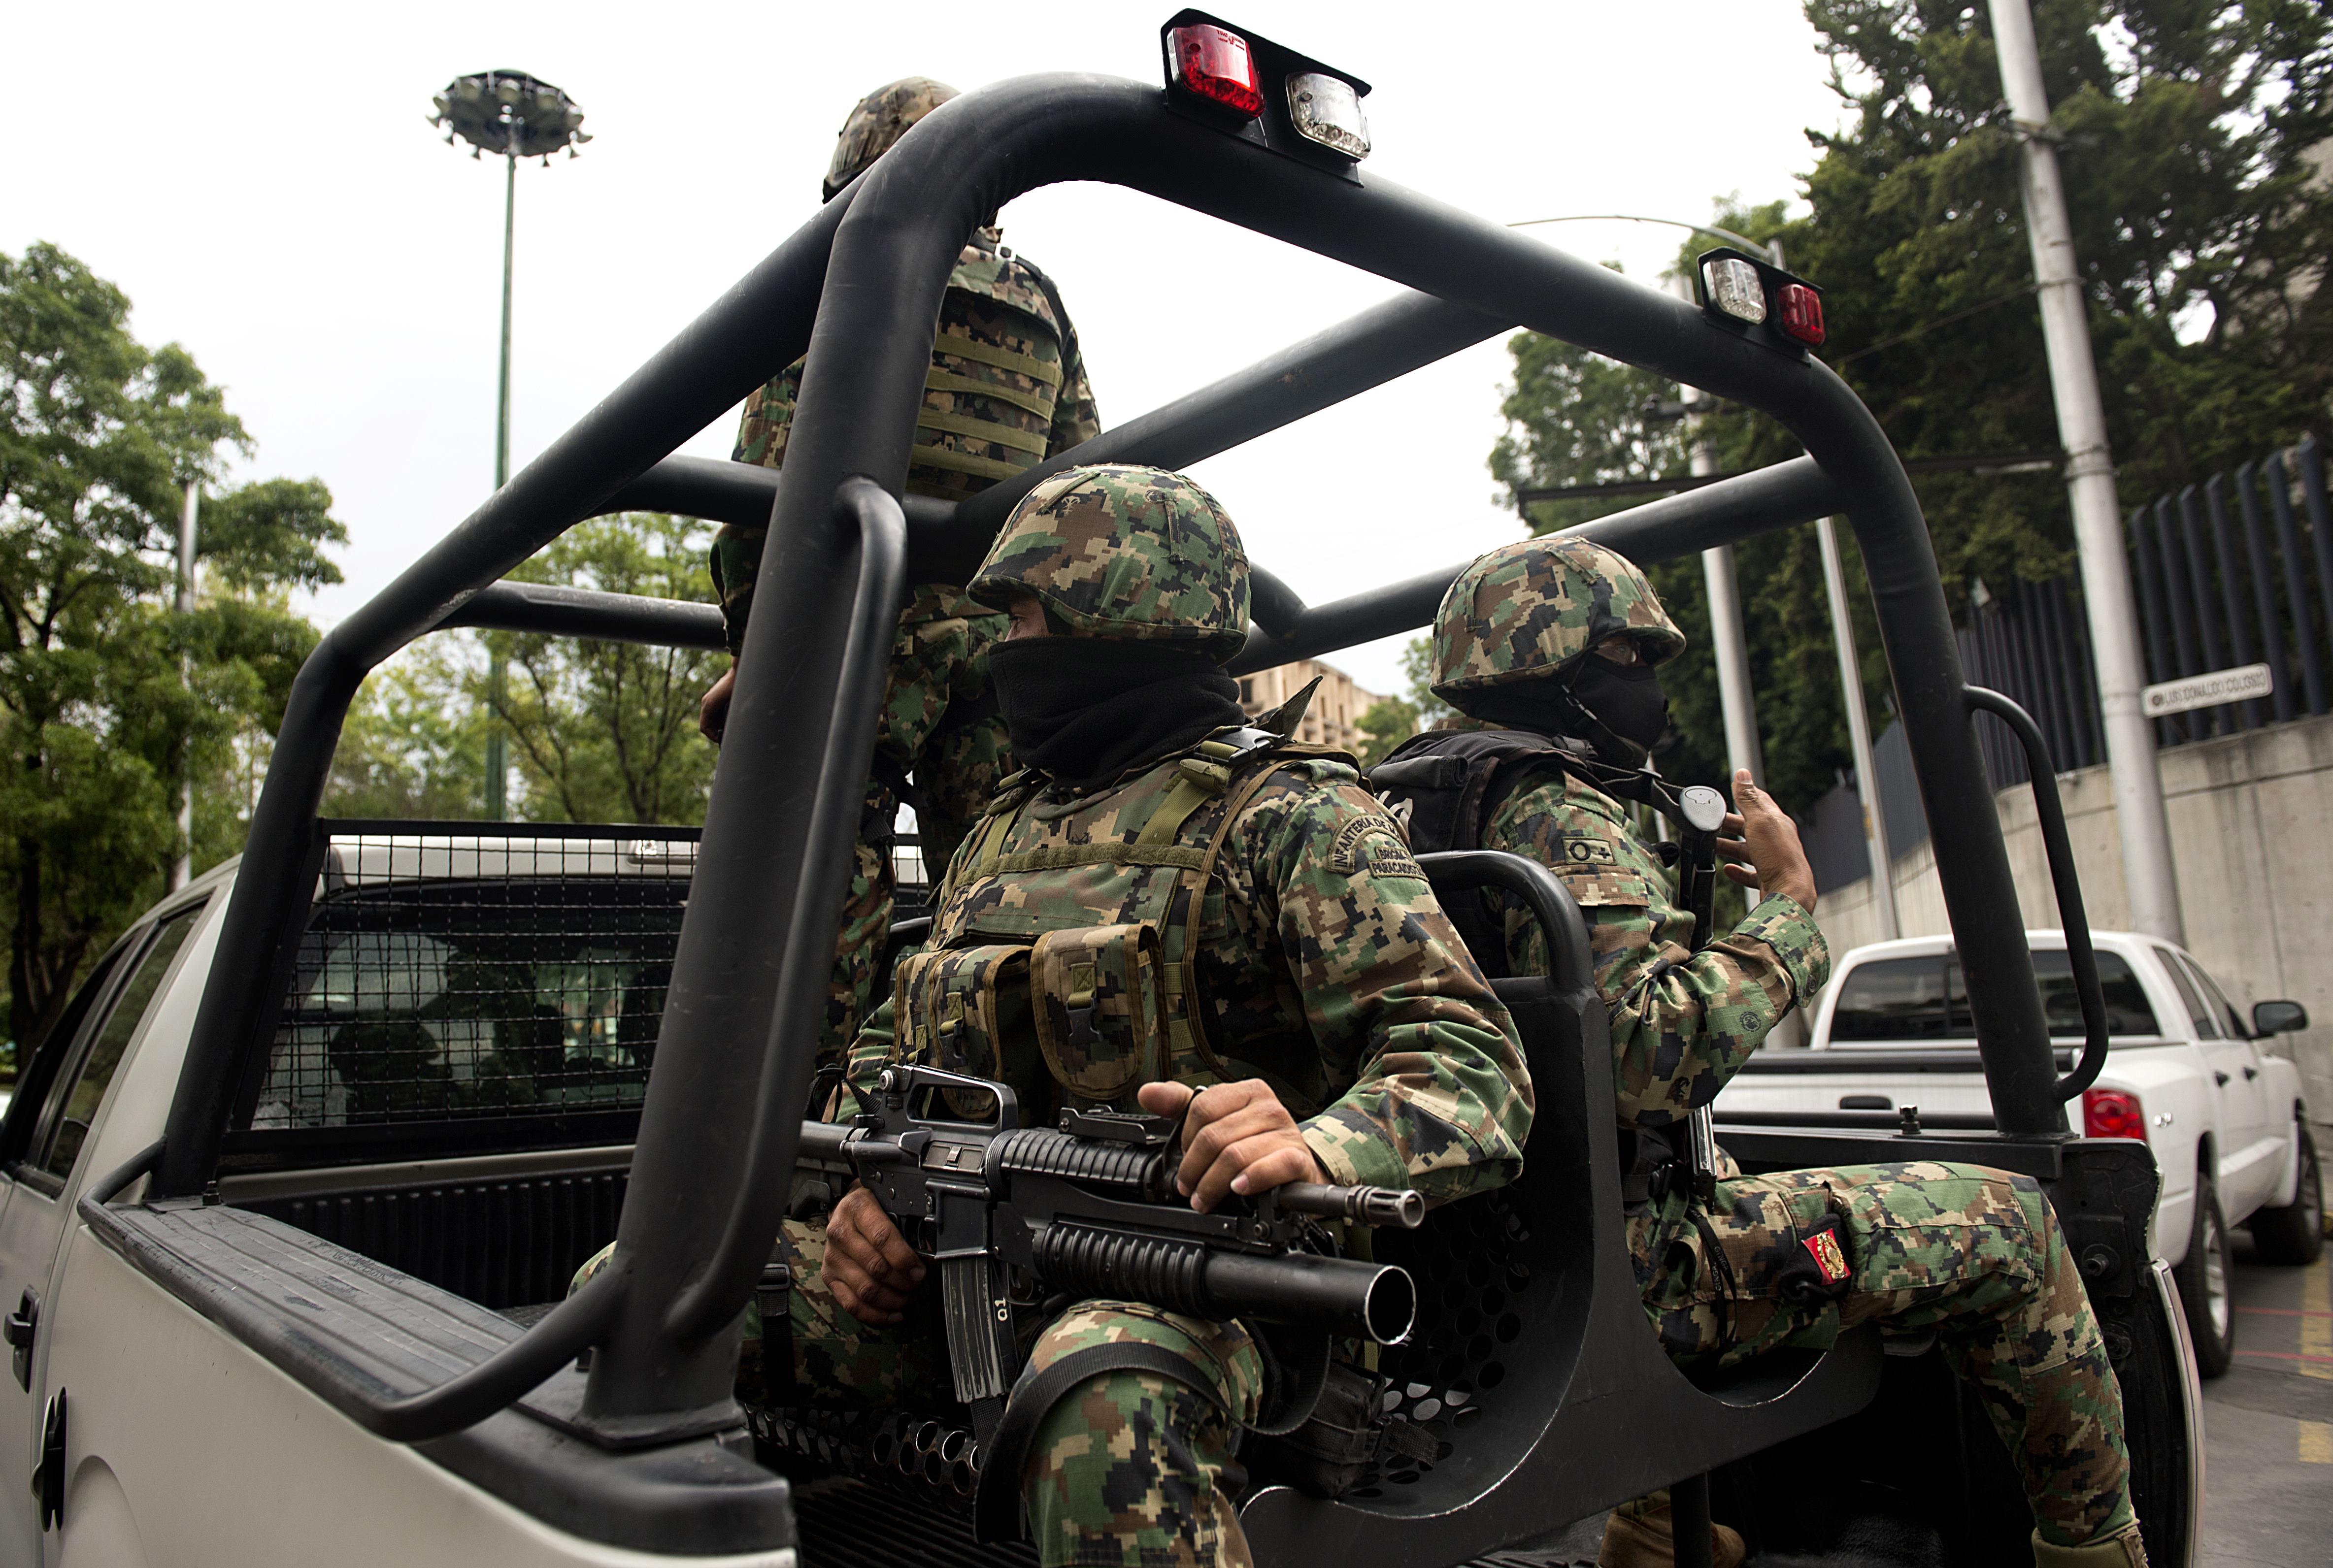 Elfogták a legkeresettebb mexikói bünőzőt, a Los Zetas drogkartell egyik fejét